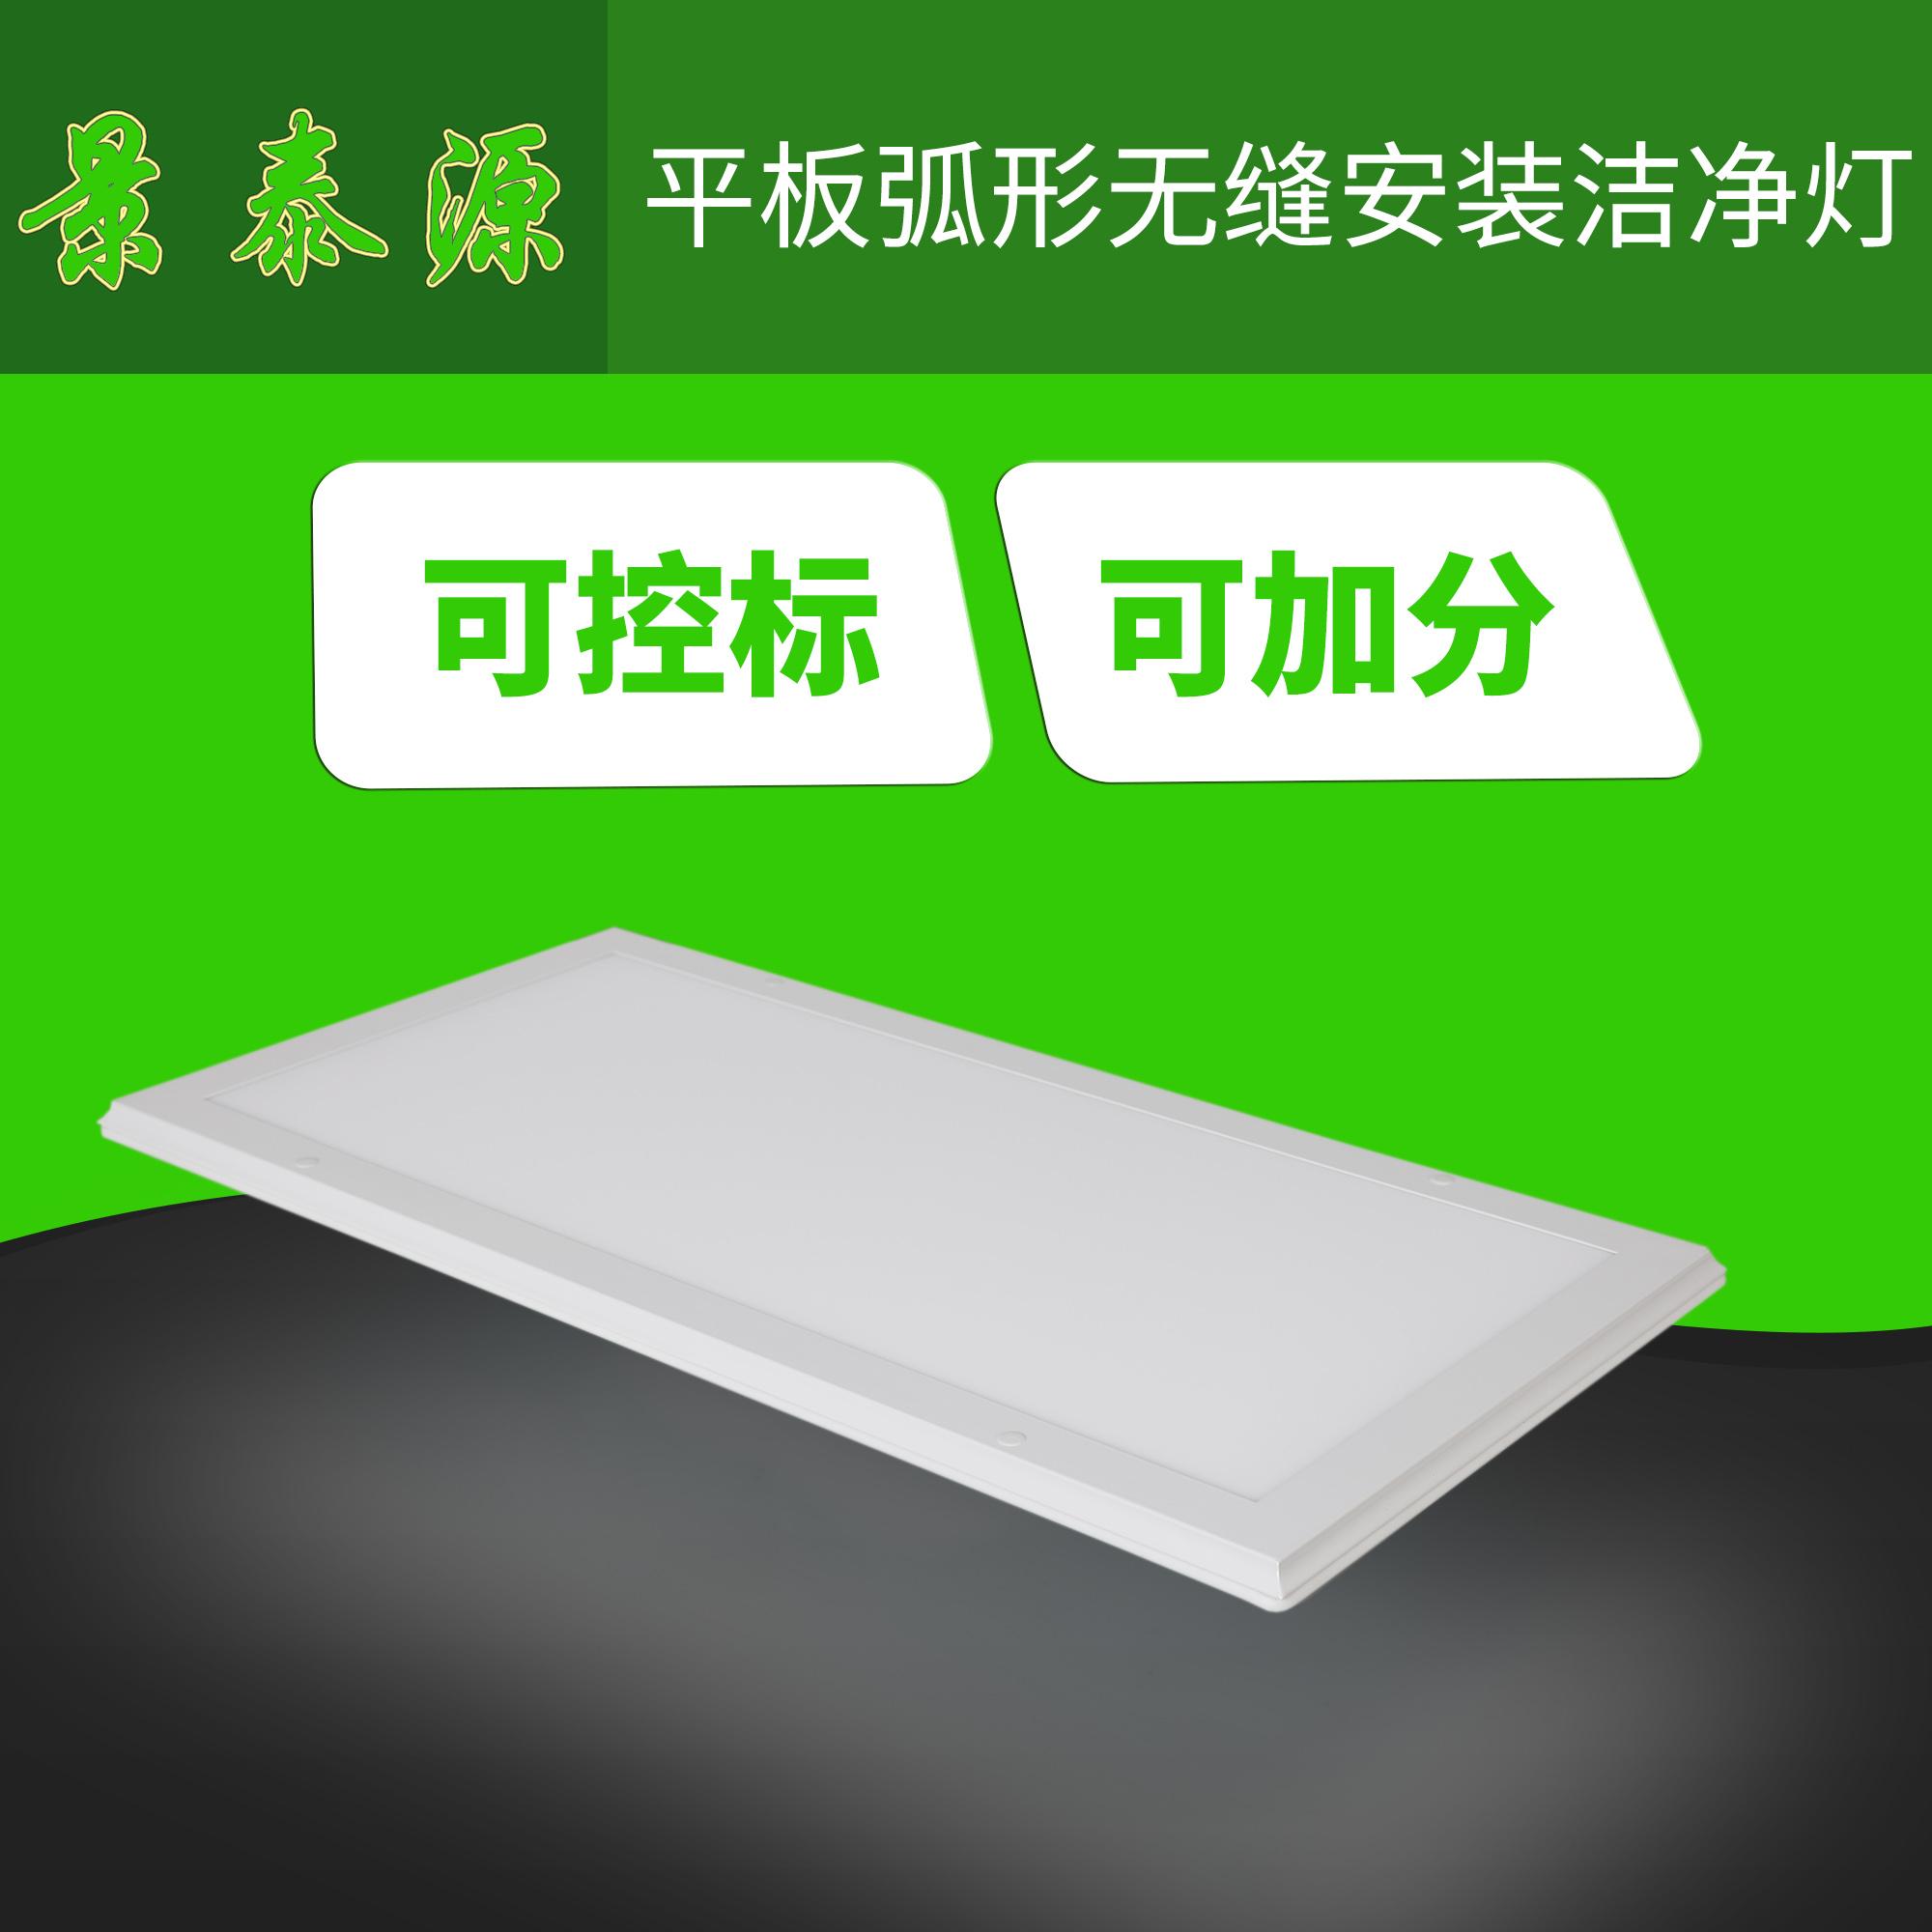 高档写字办公楼可以安装平板LED净化灯吗?